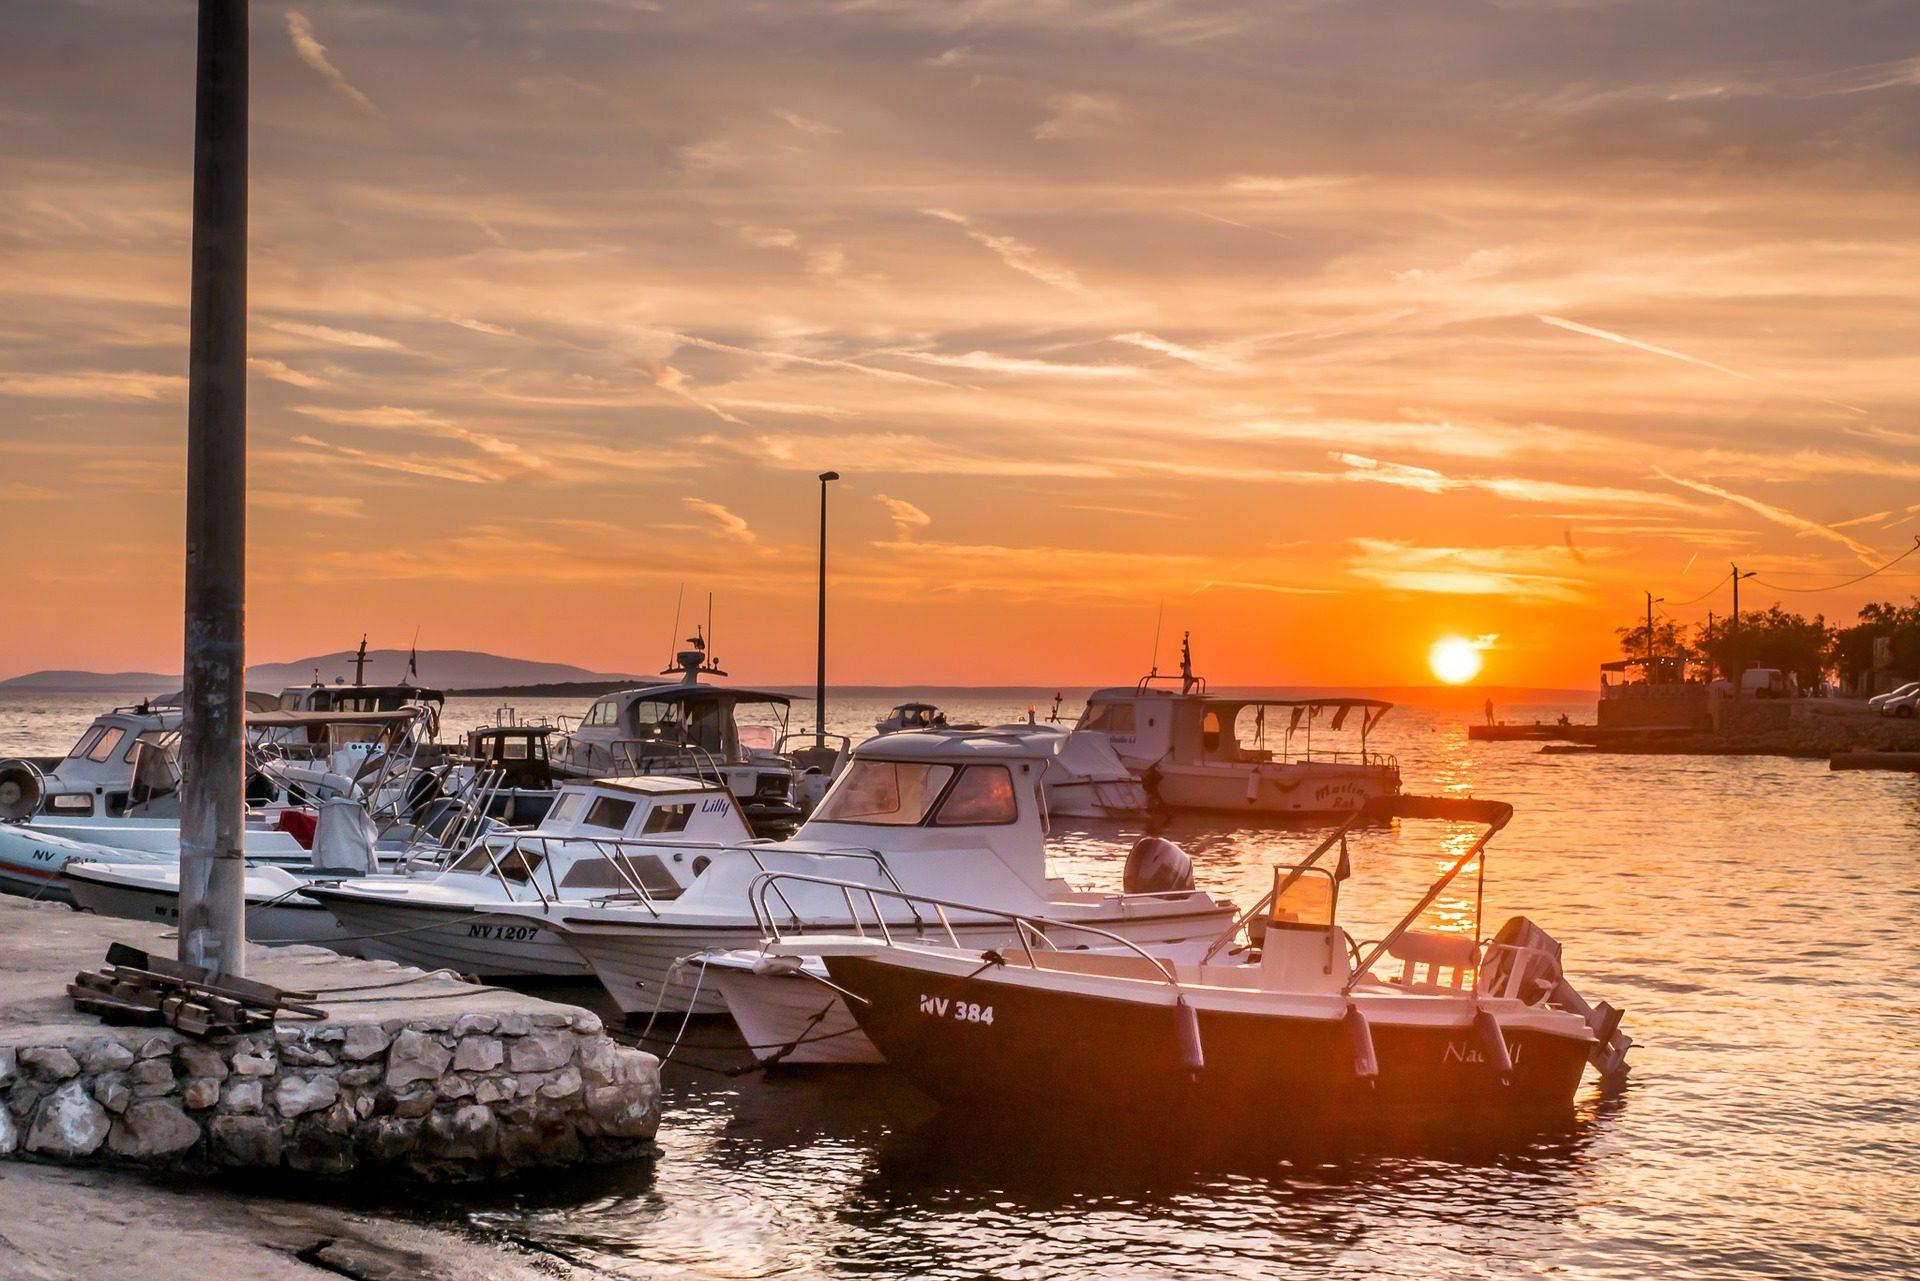 Barche, Tramonto, Sole, Mare, nuvole, porta - Sfondi HD - Professor-falken.com